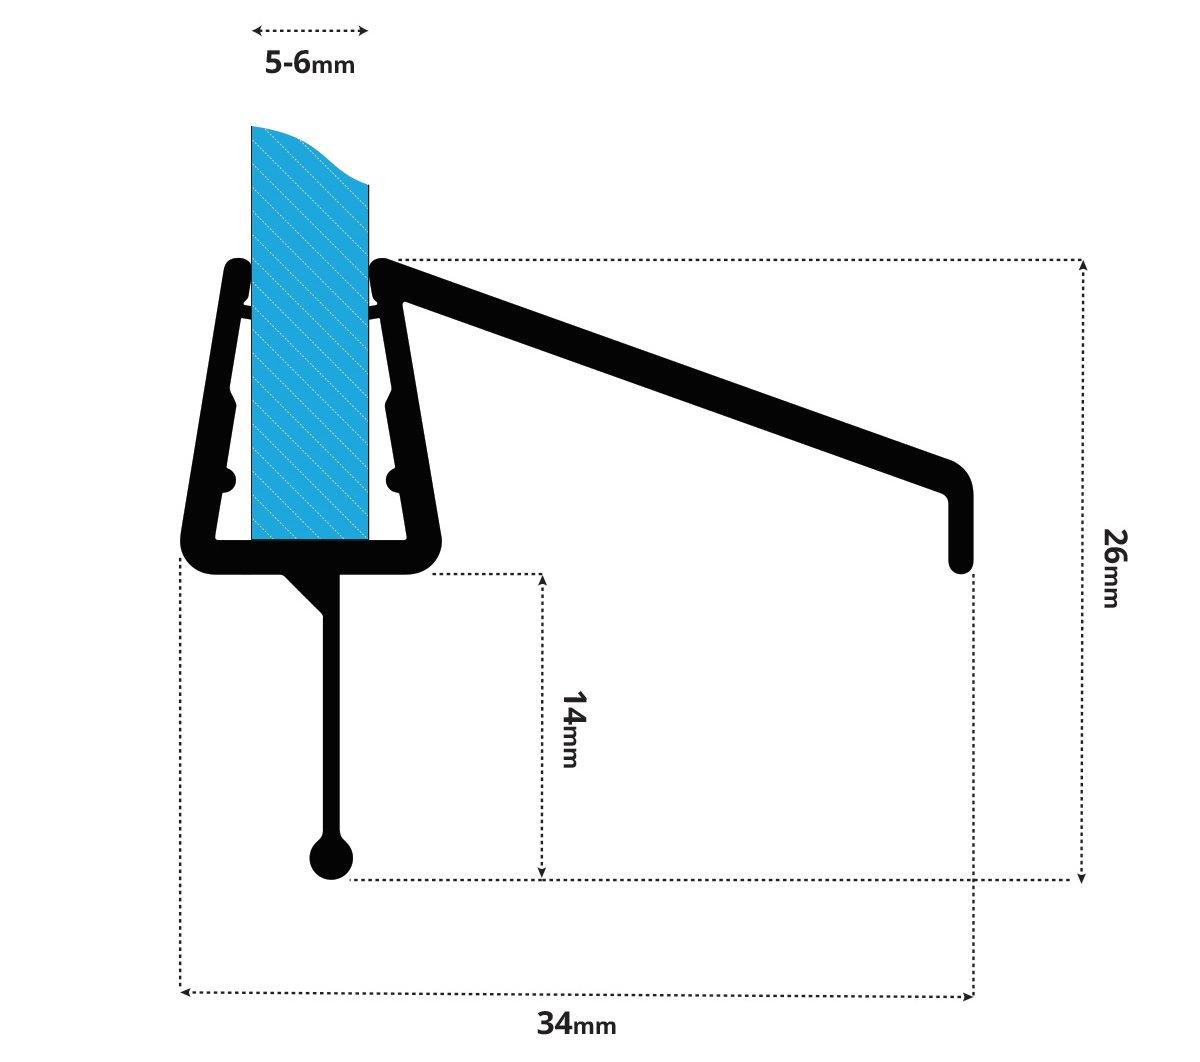 duschdichtung-uk21-tech-js58e4e3ff2c3e55a9d116295dbd